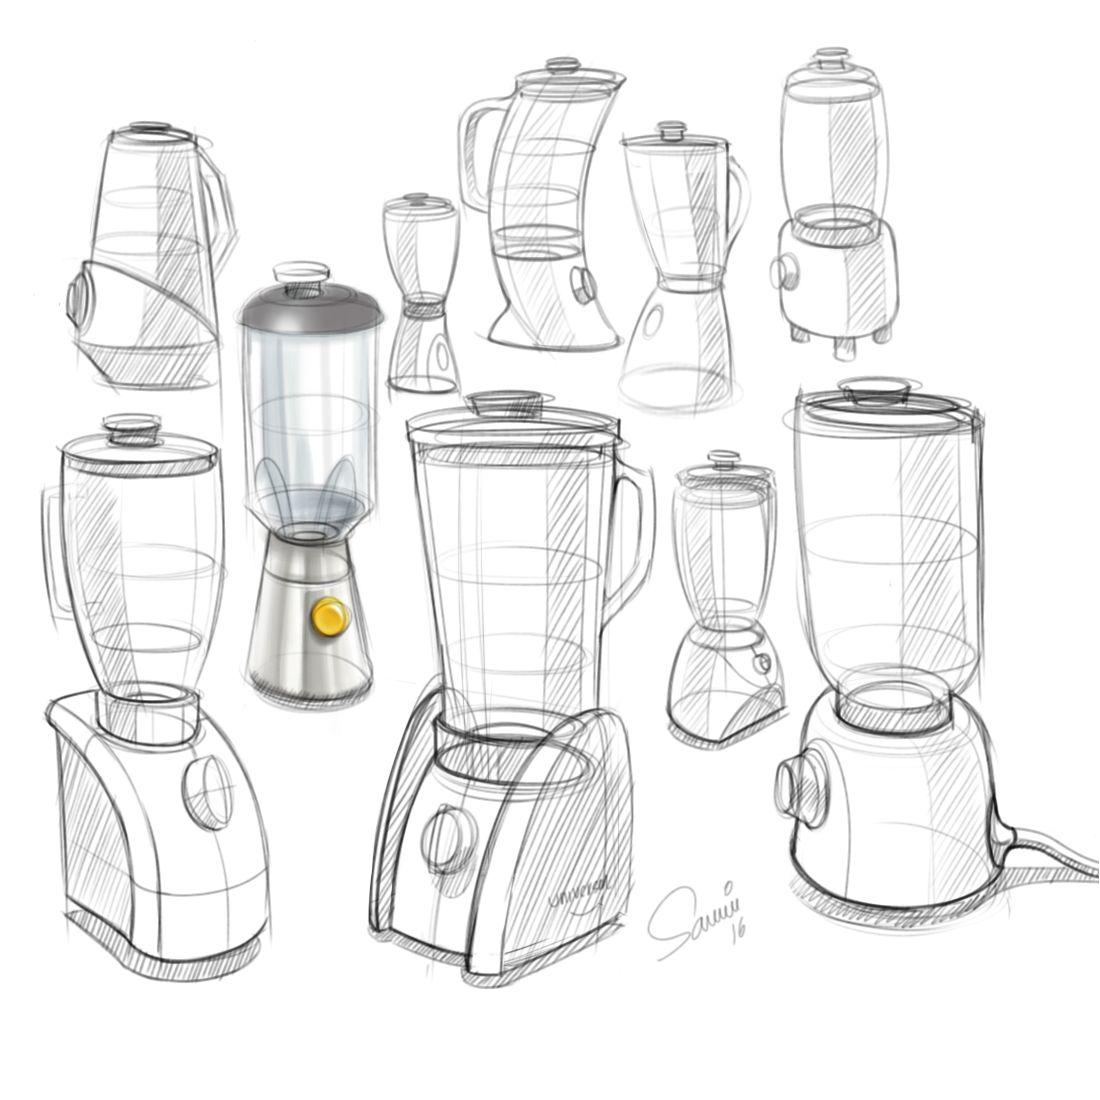 Product Design Line Art : Product design sketchbook on behance …